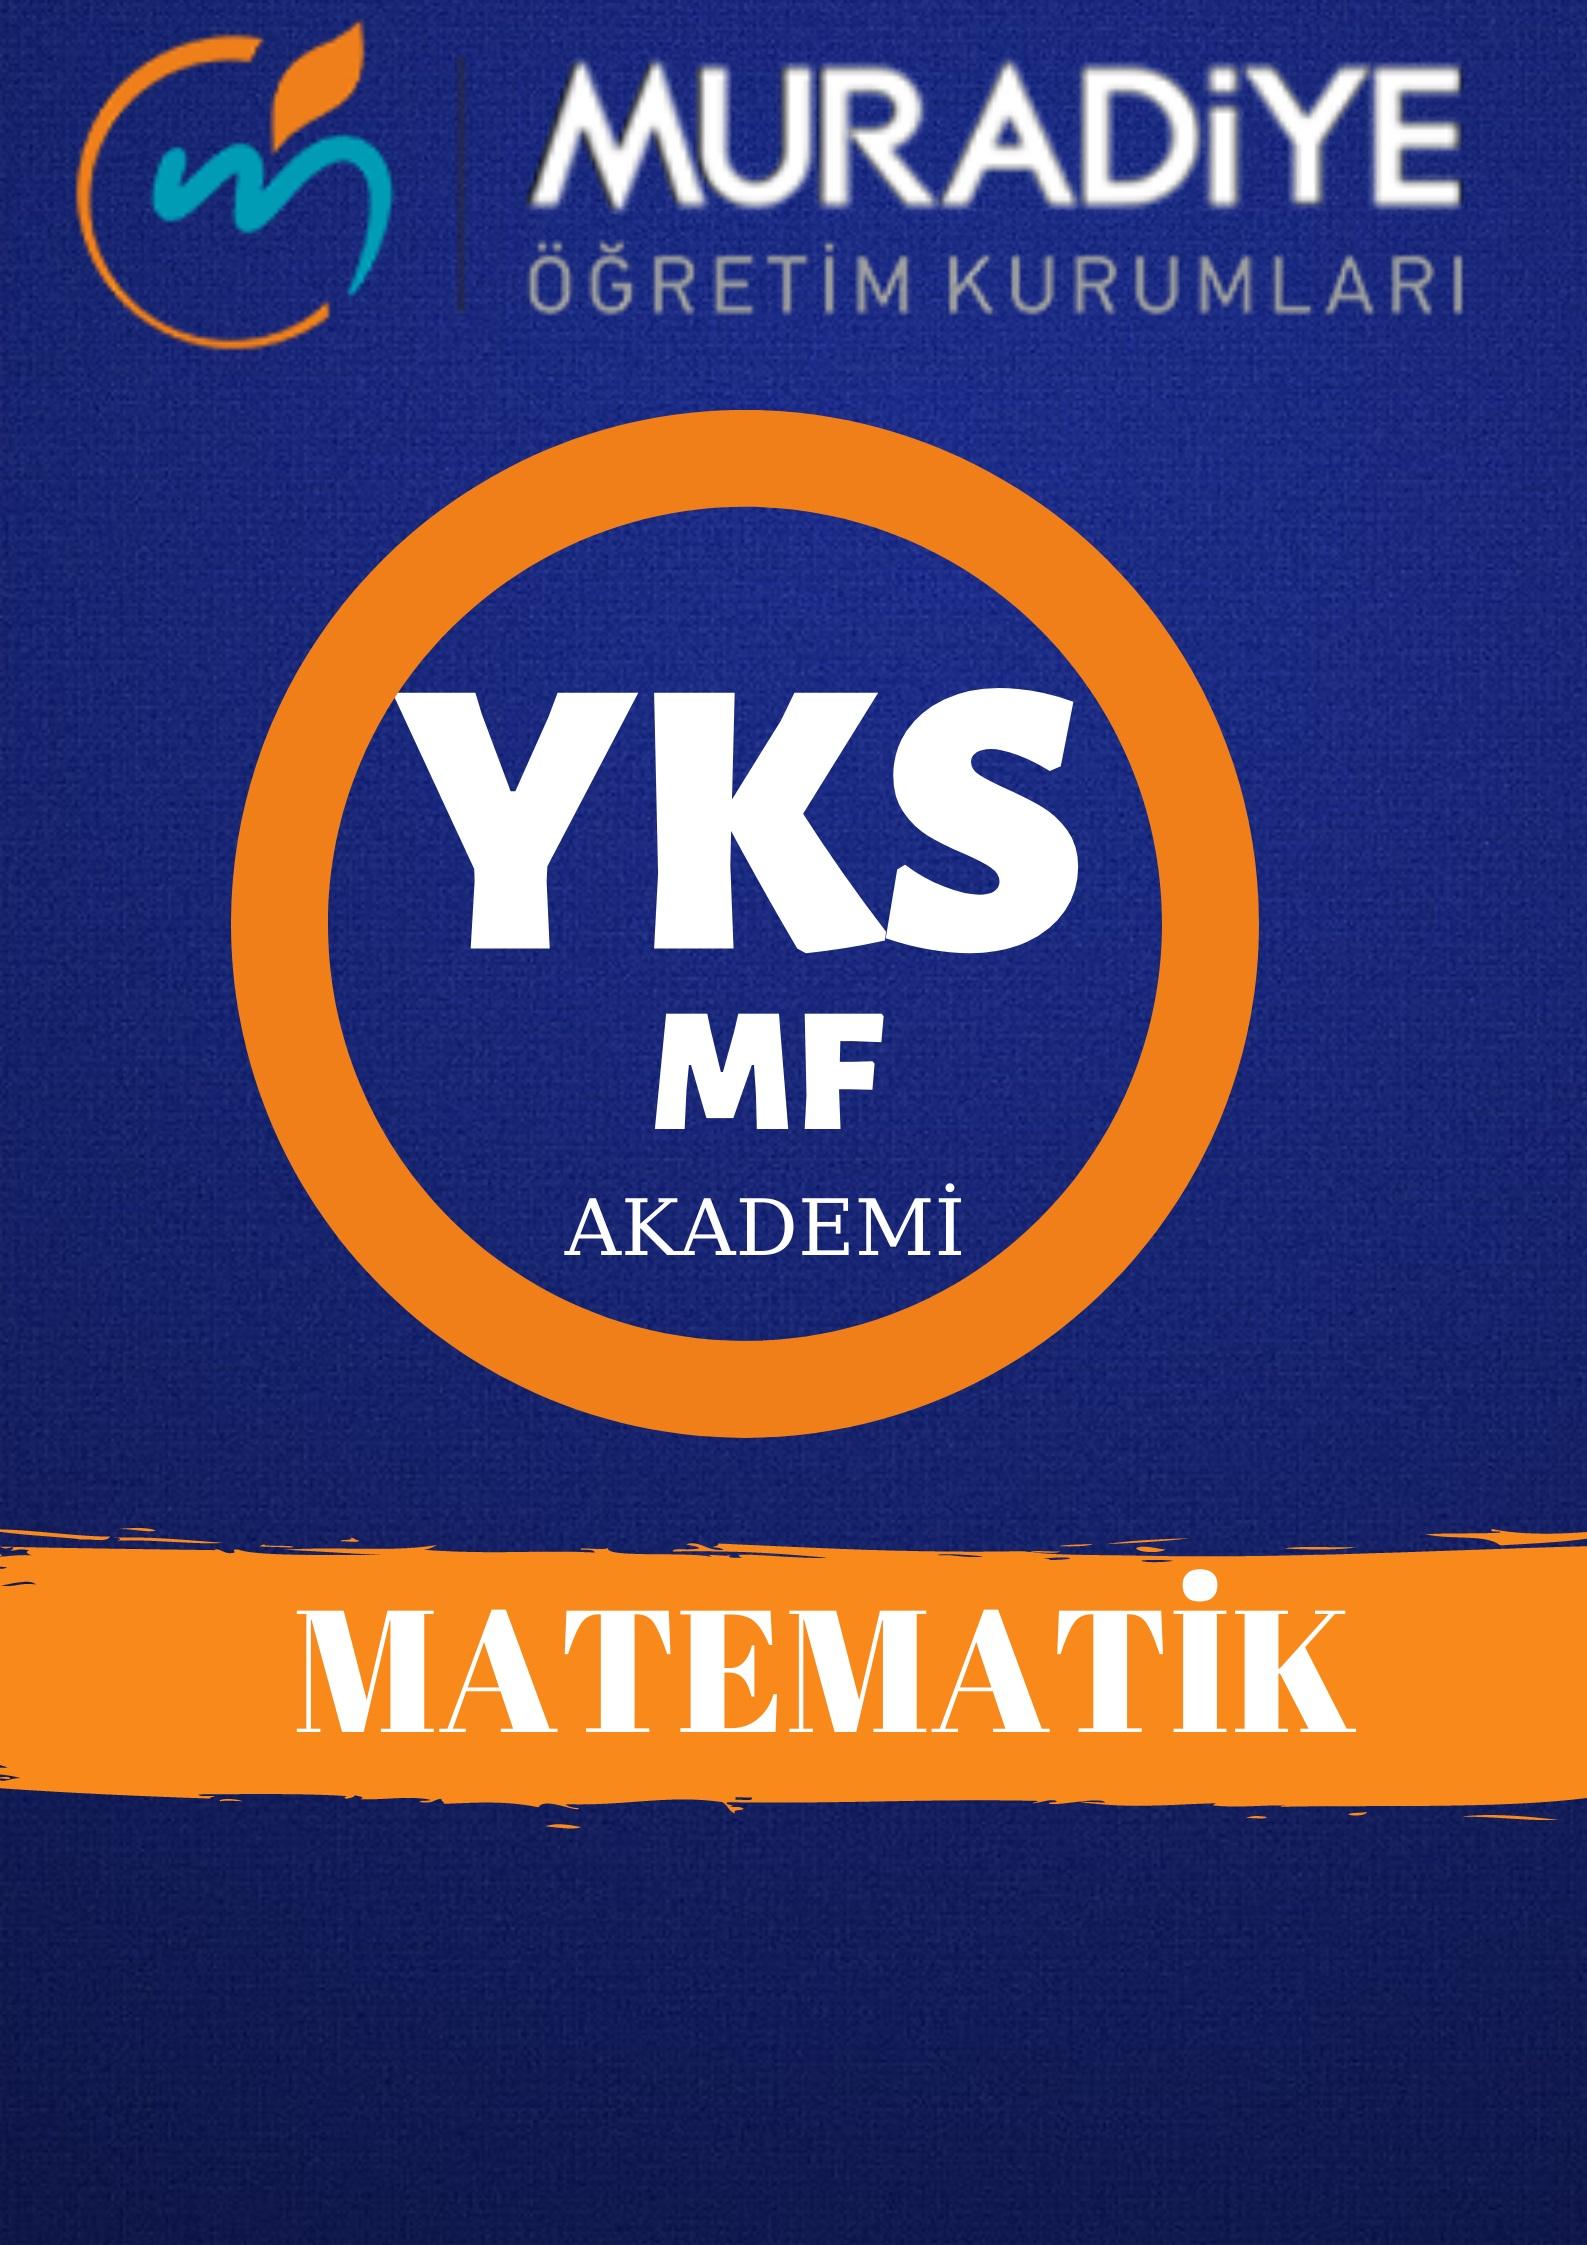 YKS MF | MATEMATİK